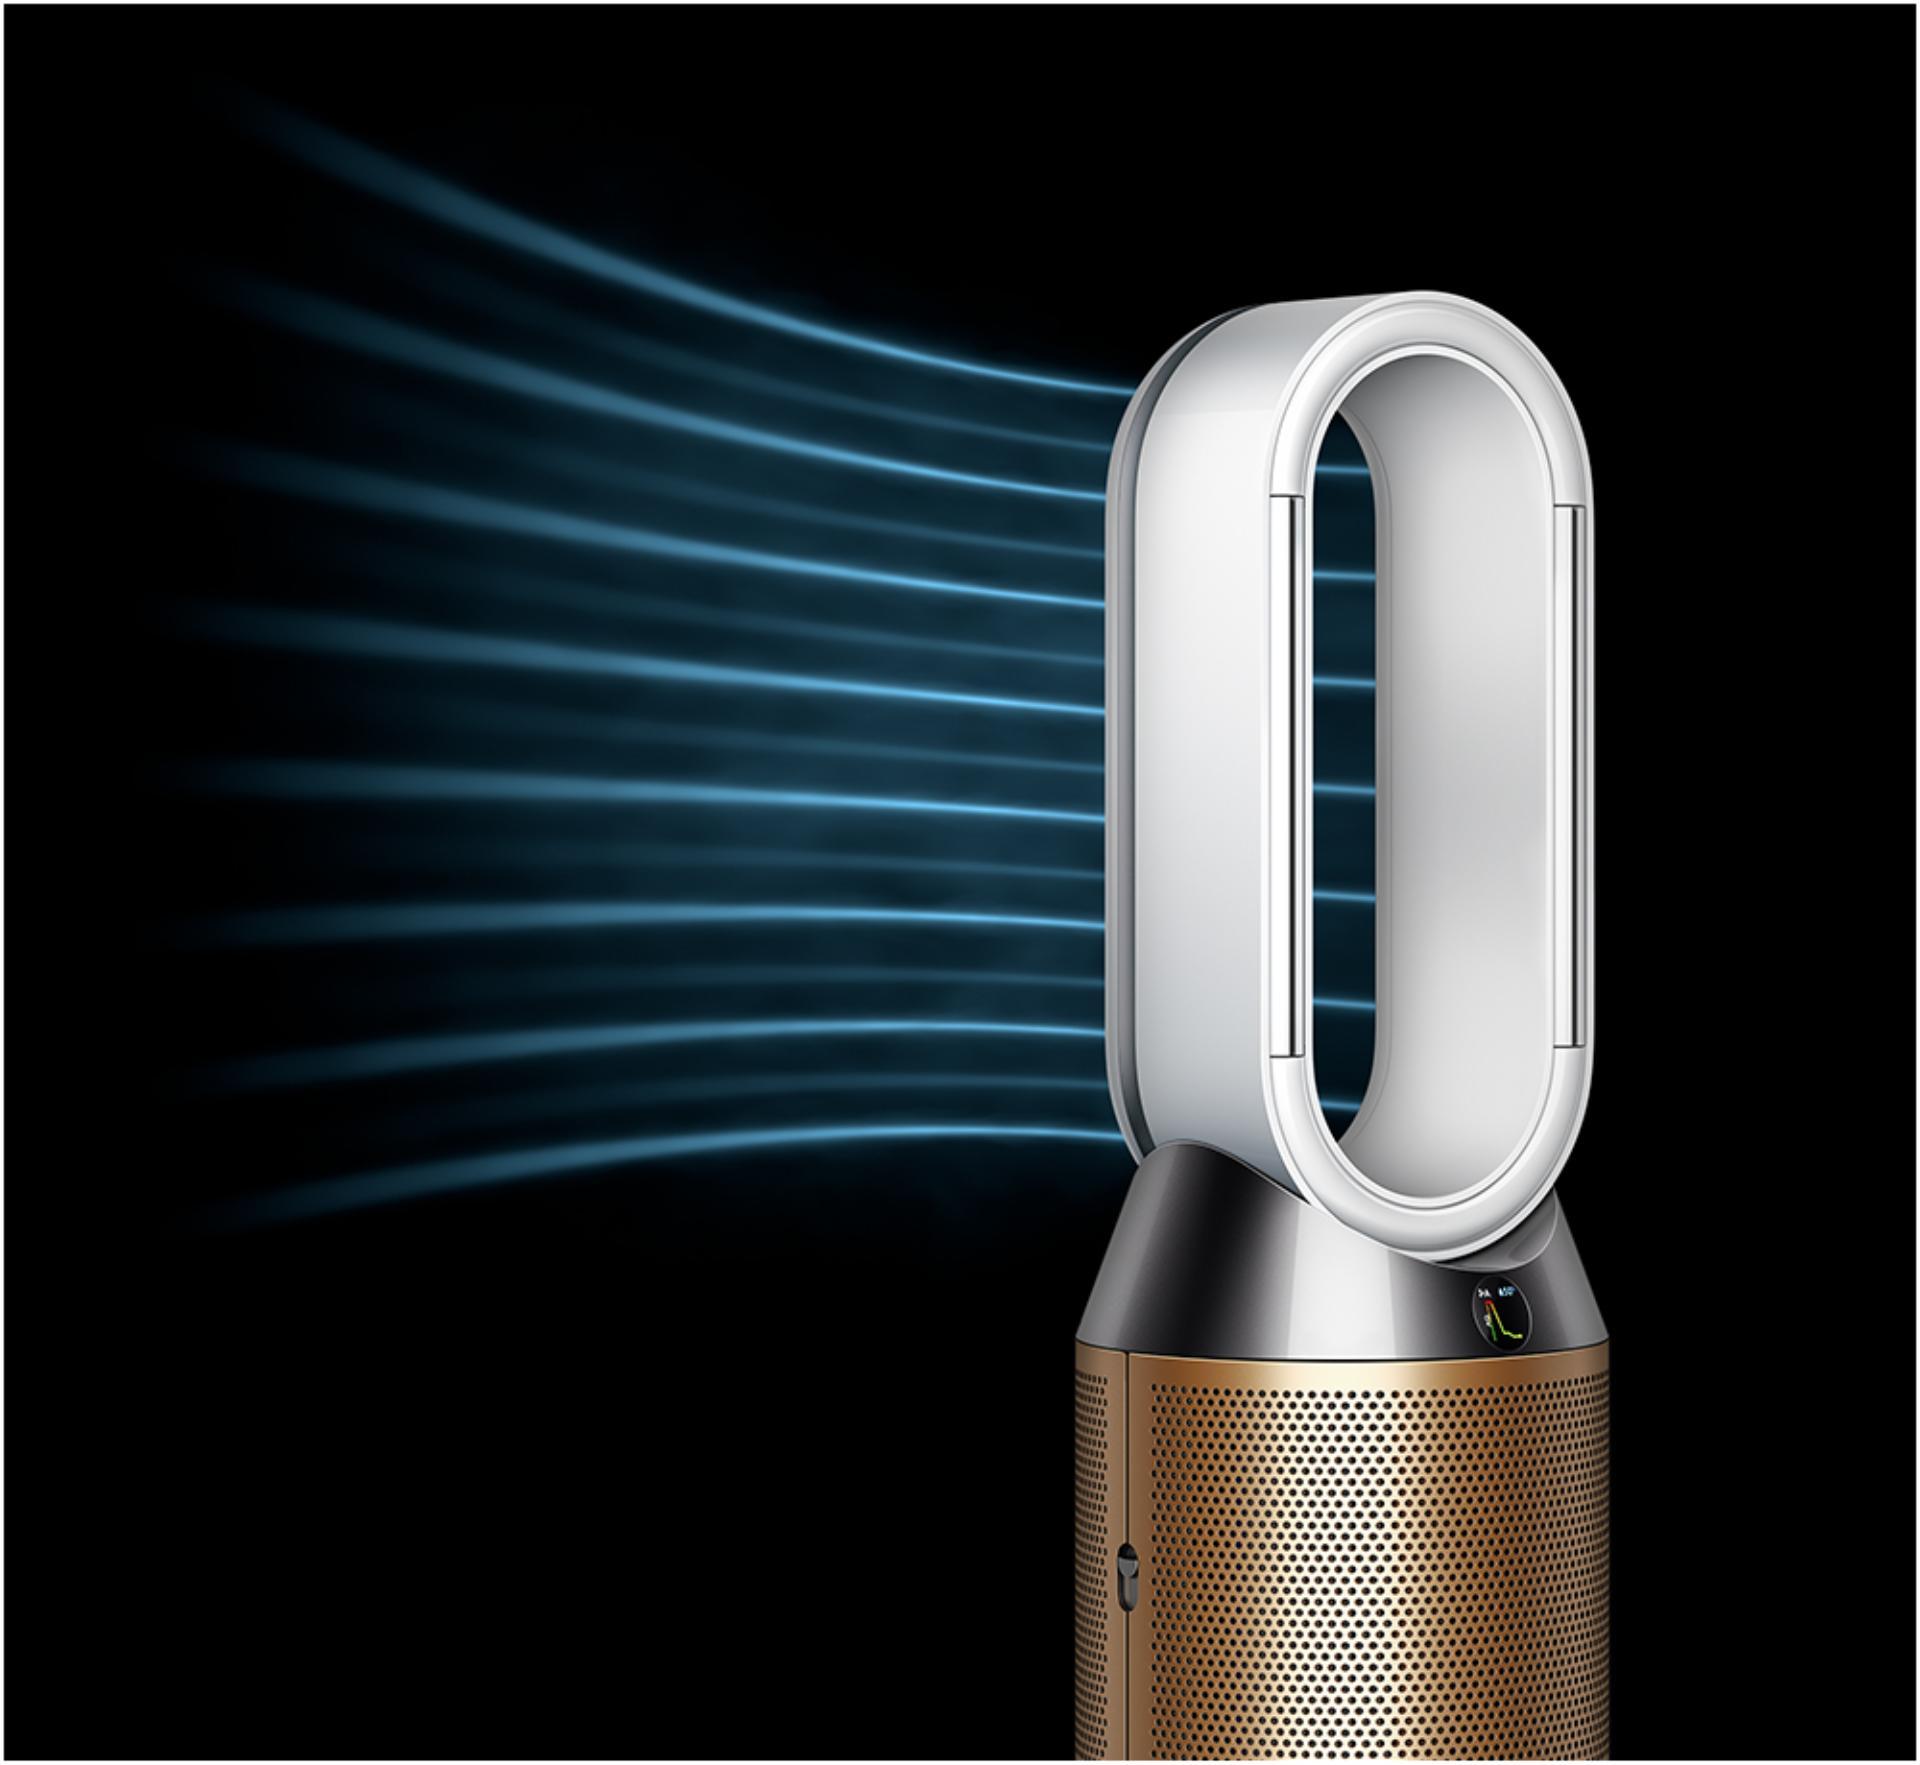 바람 방향 전환 모드로 작동하는 다이슨 가습 공기청정기